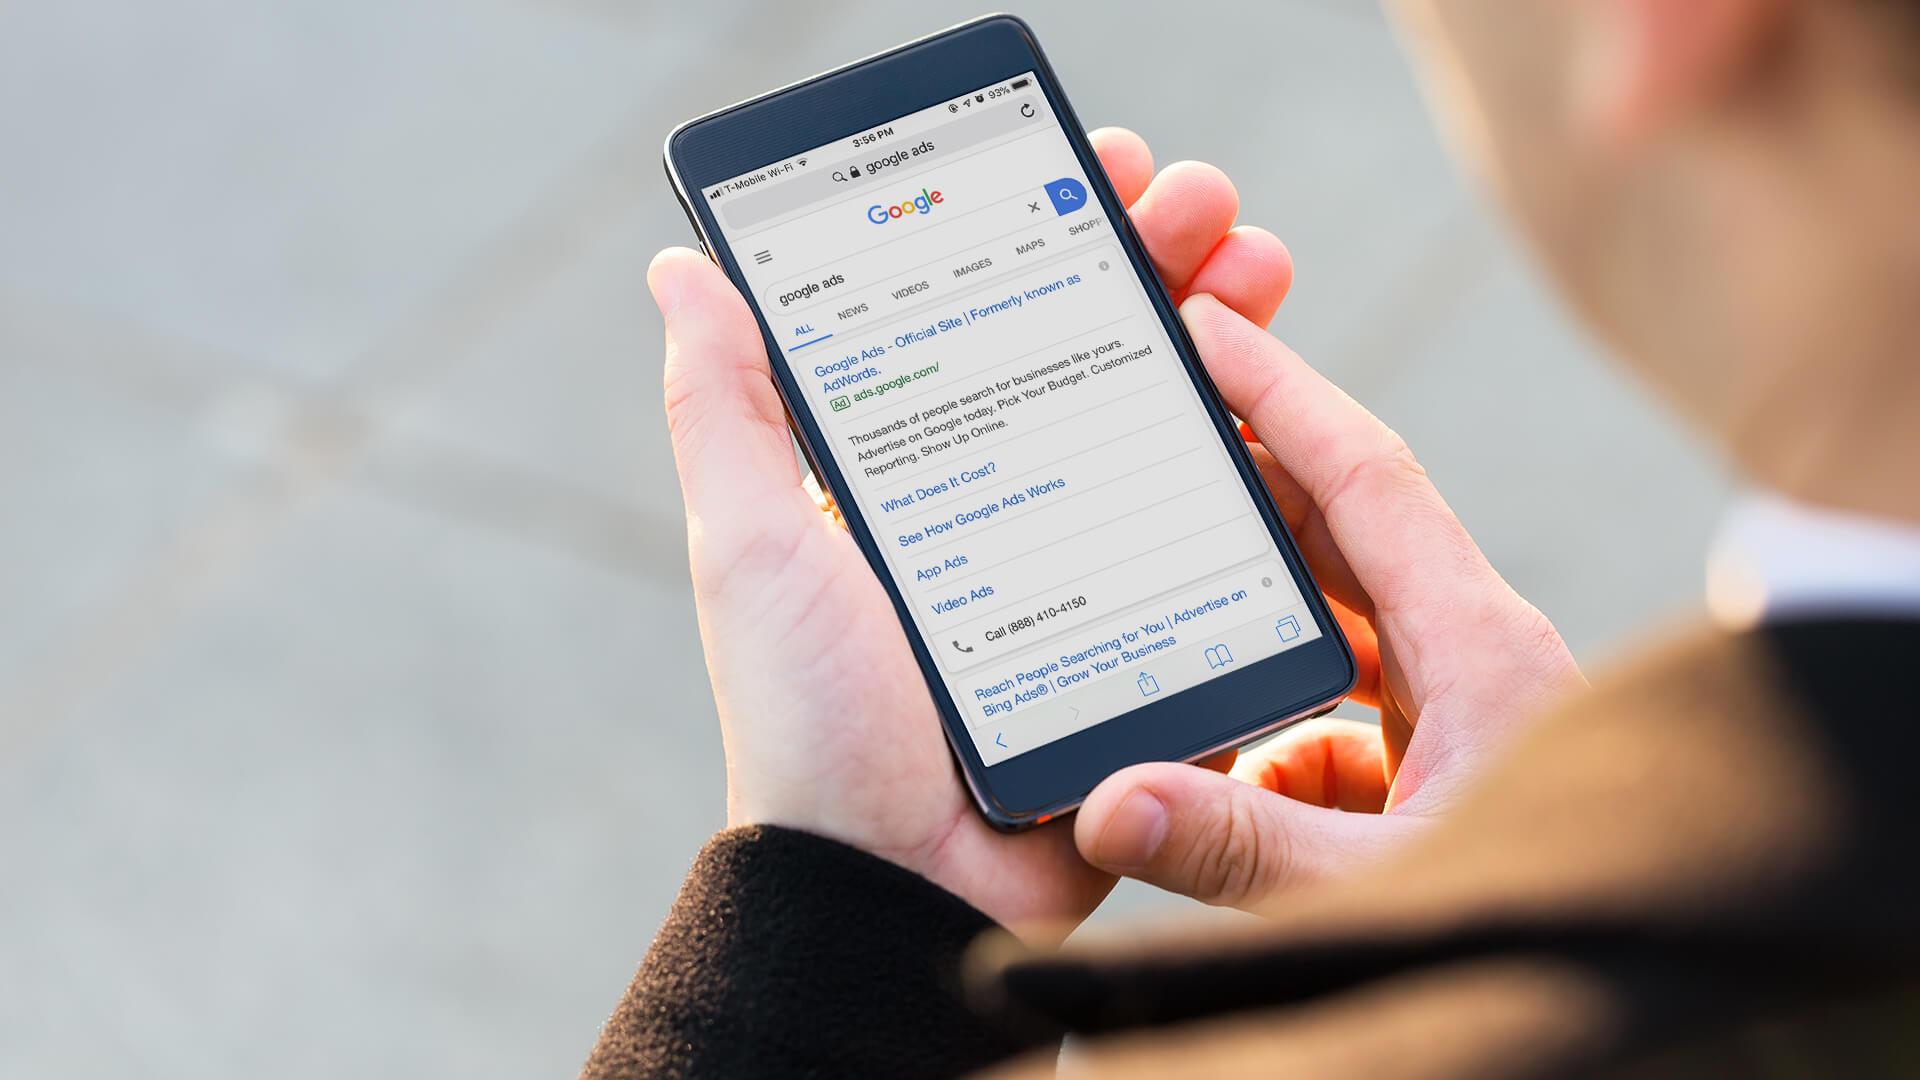 Créditos publicitarios para PYMES: Google agrega claridad sobre la elegibilidad y el tiempo